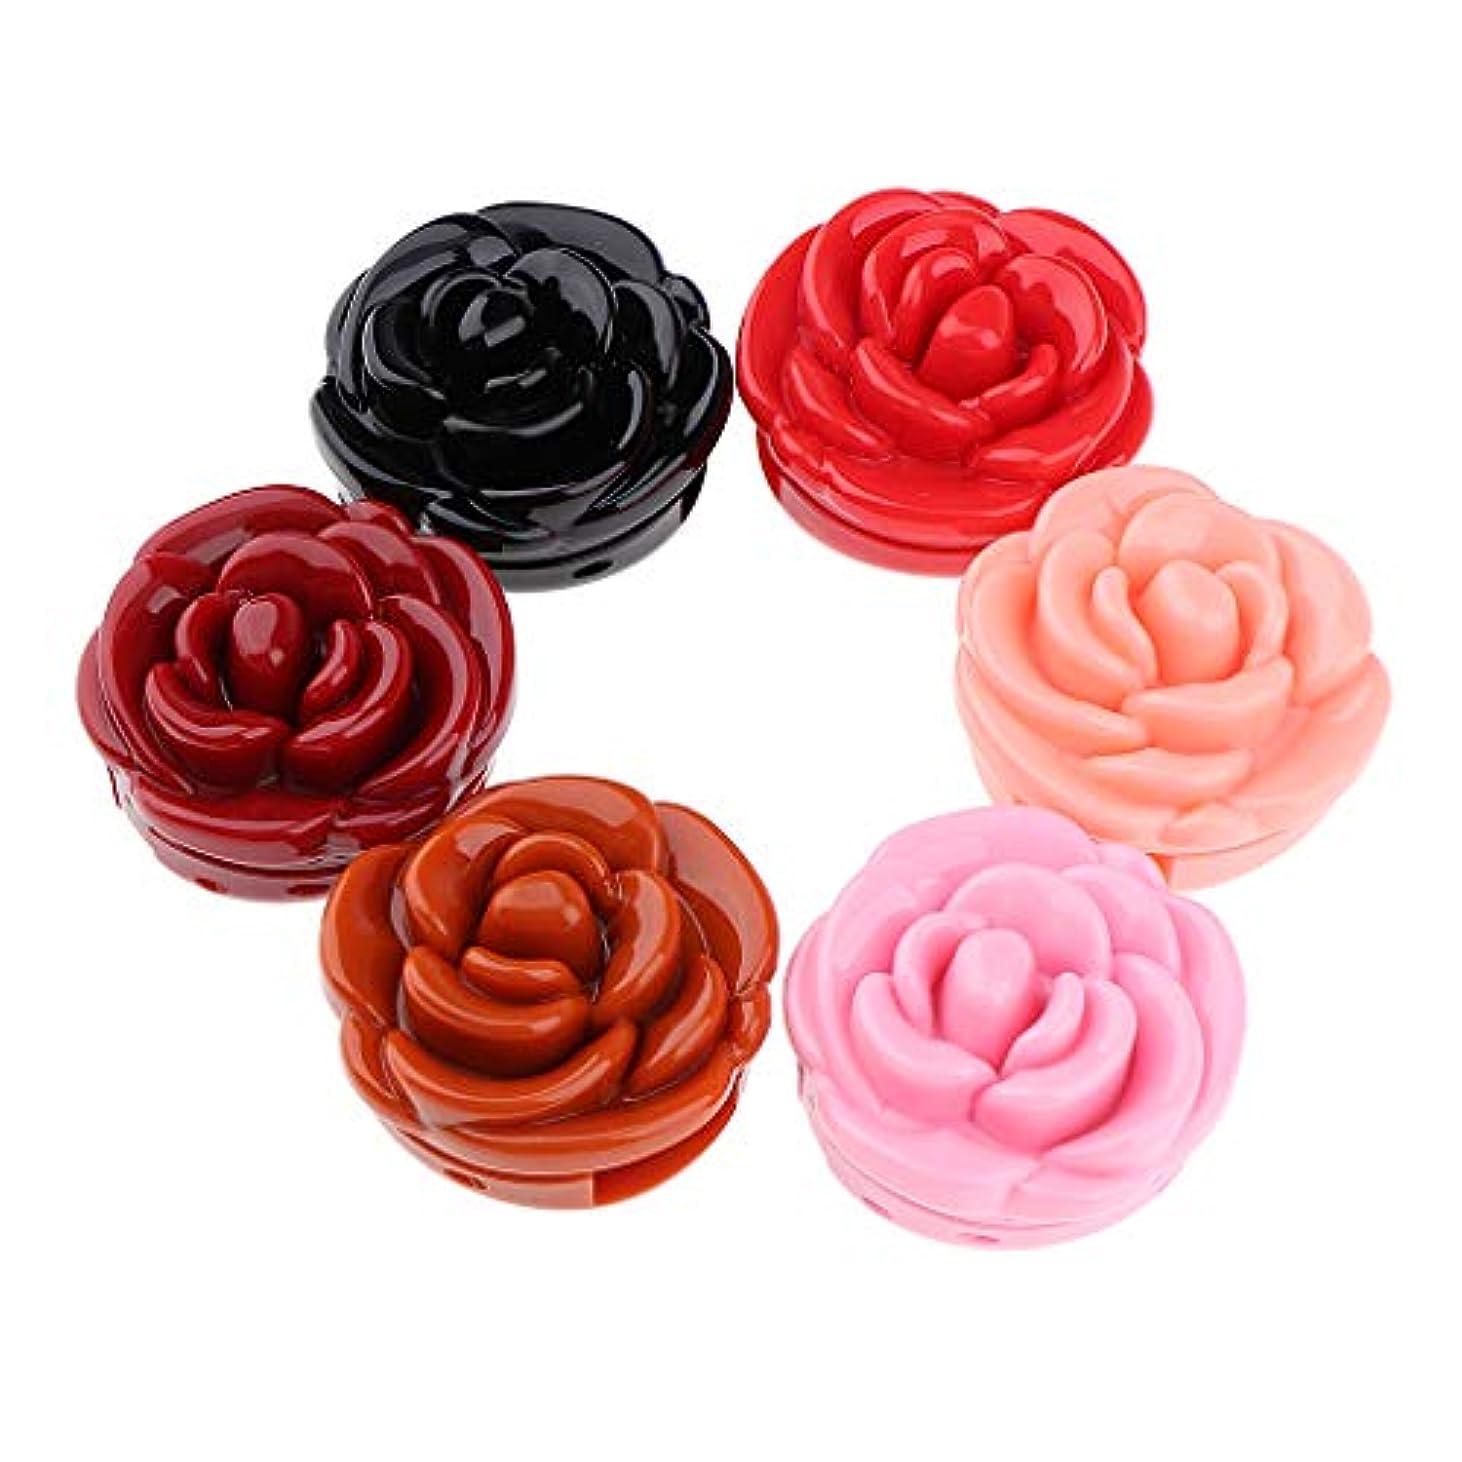 団結する求める偽物Sharplace 防水口紅 リップクリーム 美容 化粧品 メイクアップツール 6色セット